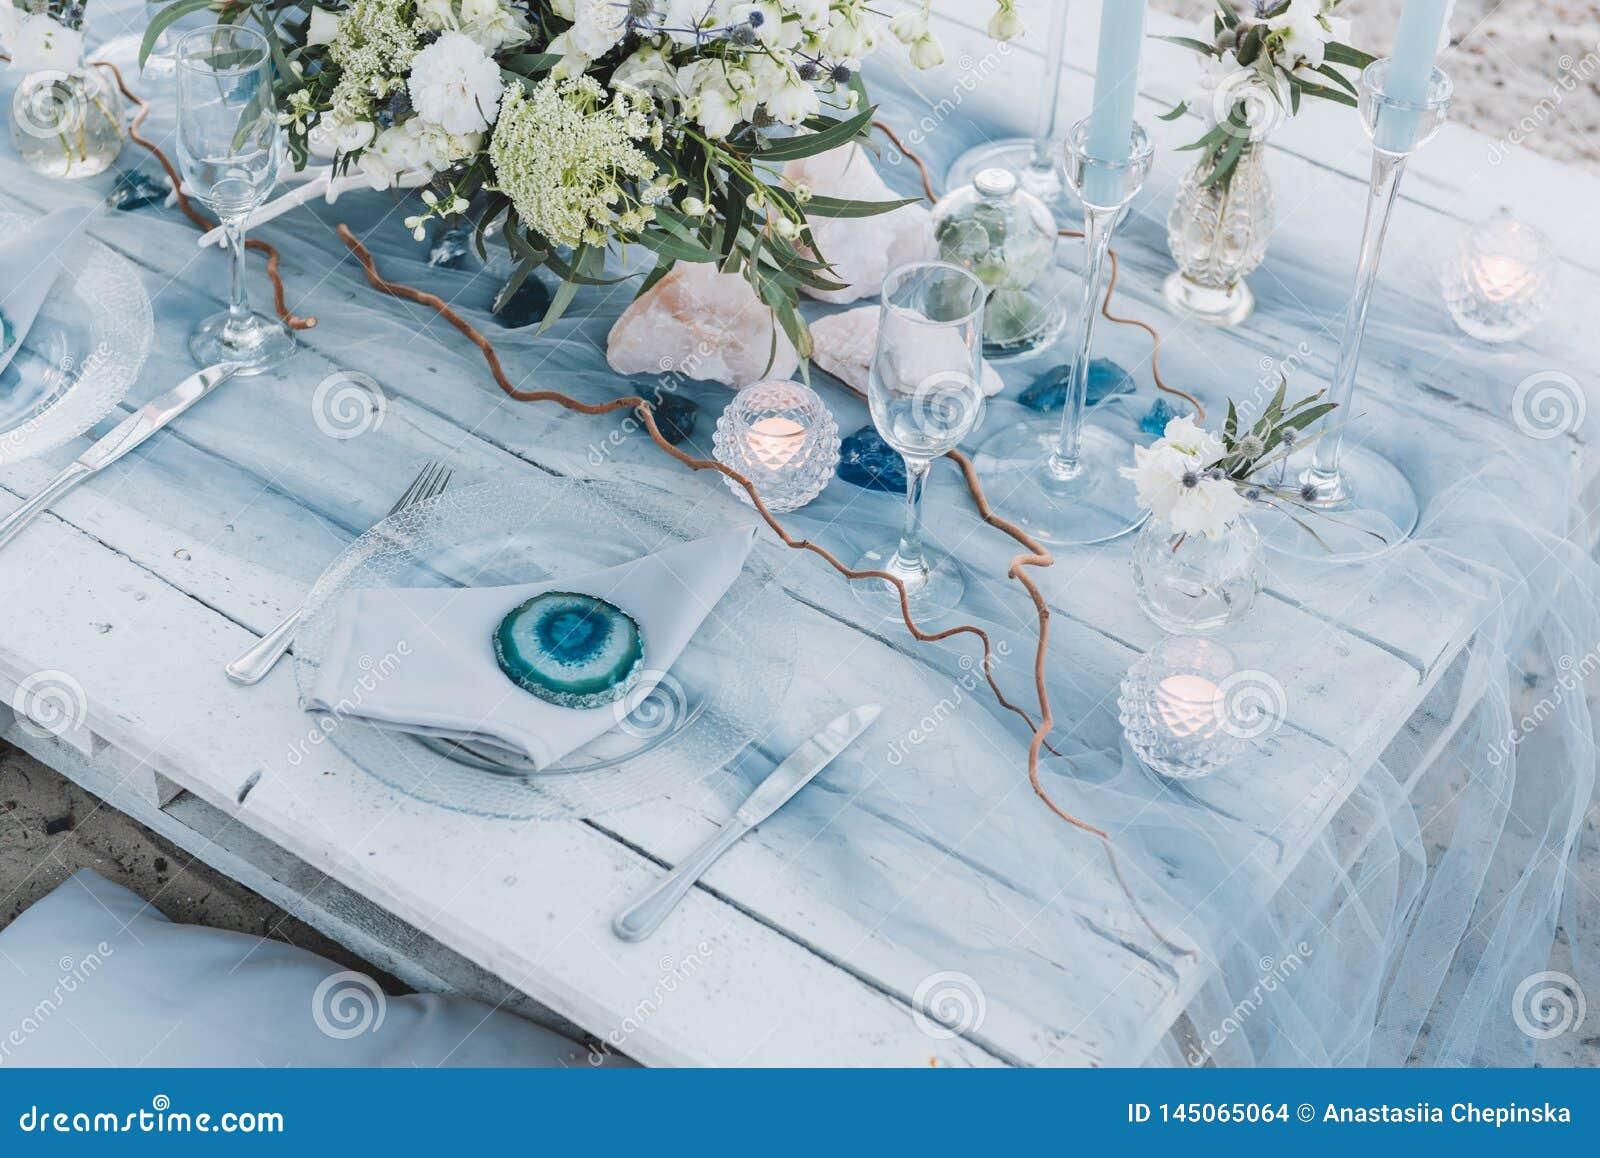 Tavola elegante installata in pastelli blu per le nozze di spiaggia